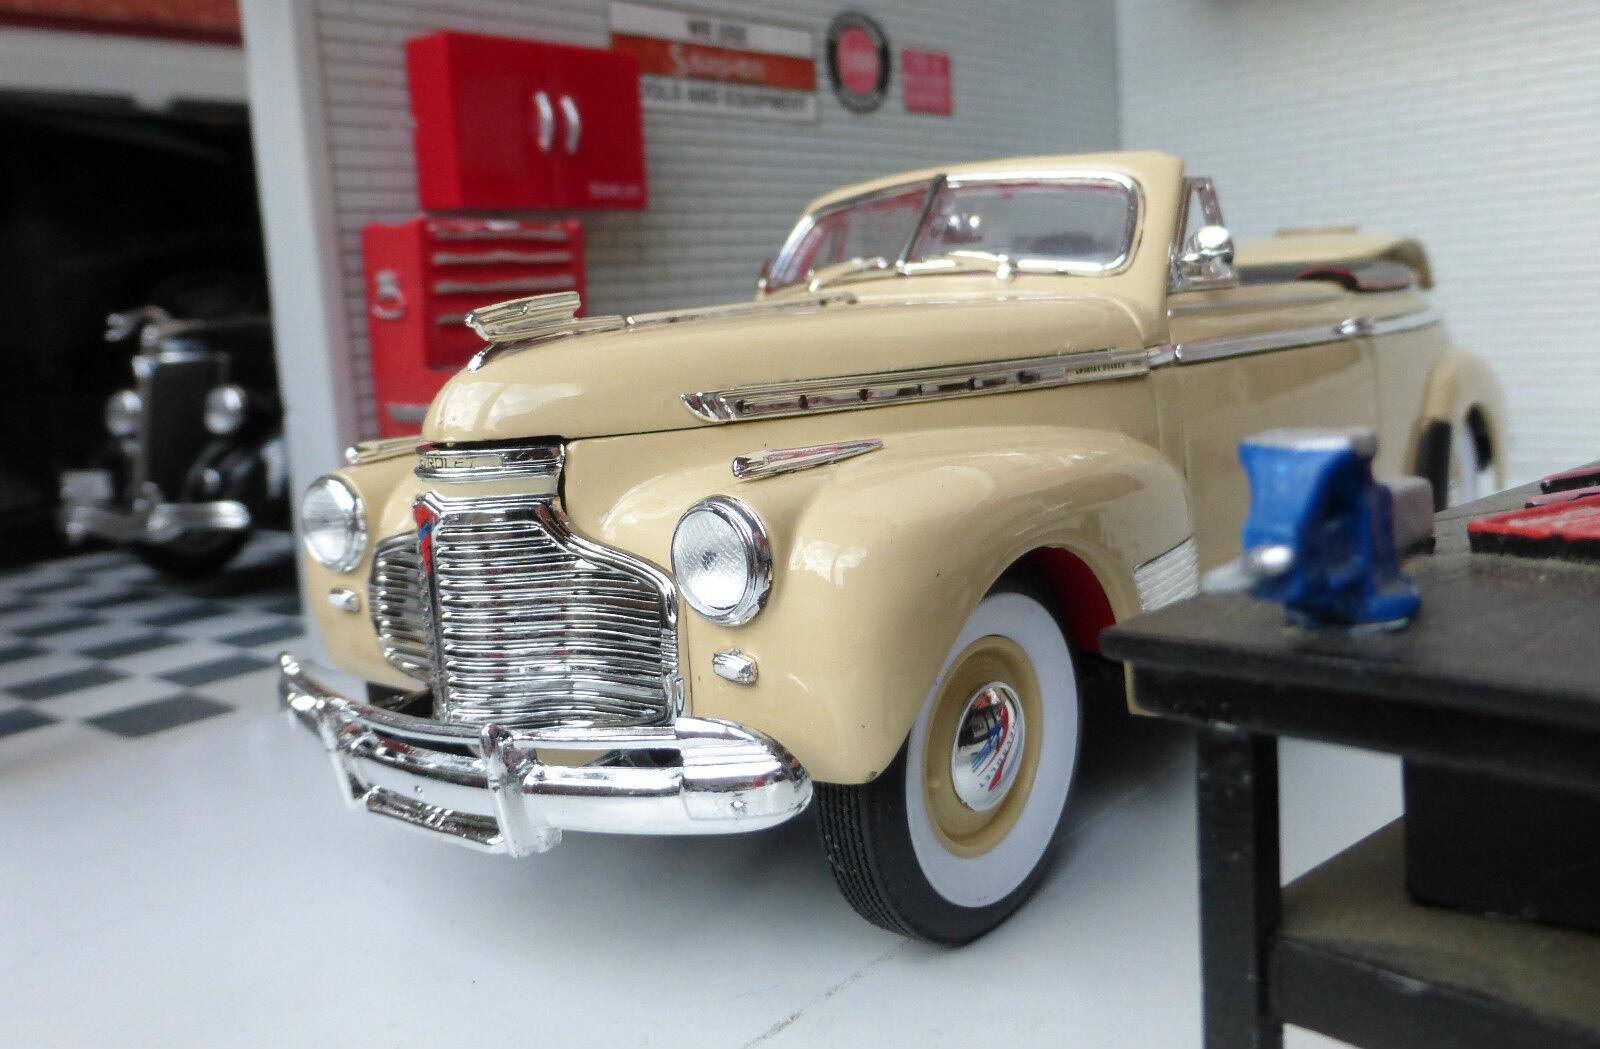 G LGB 1 24 Echelle Chevrolet Spécial de Luxe Cabriolet 1941 Modèle Moulé Crème